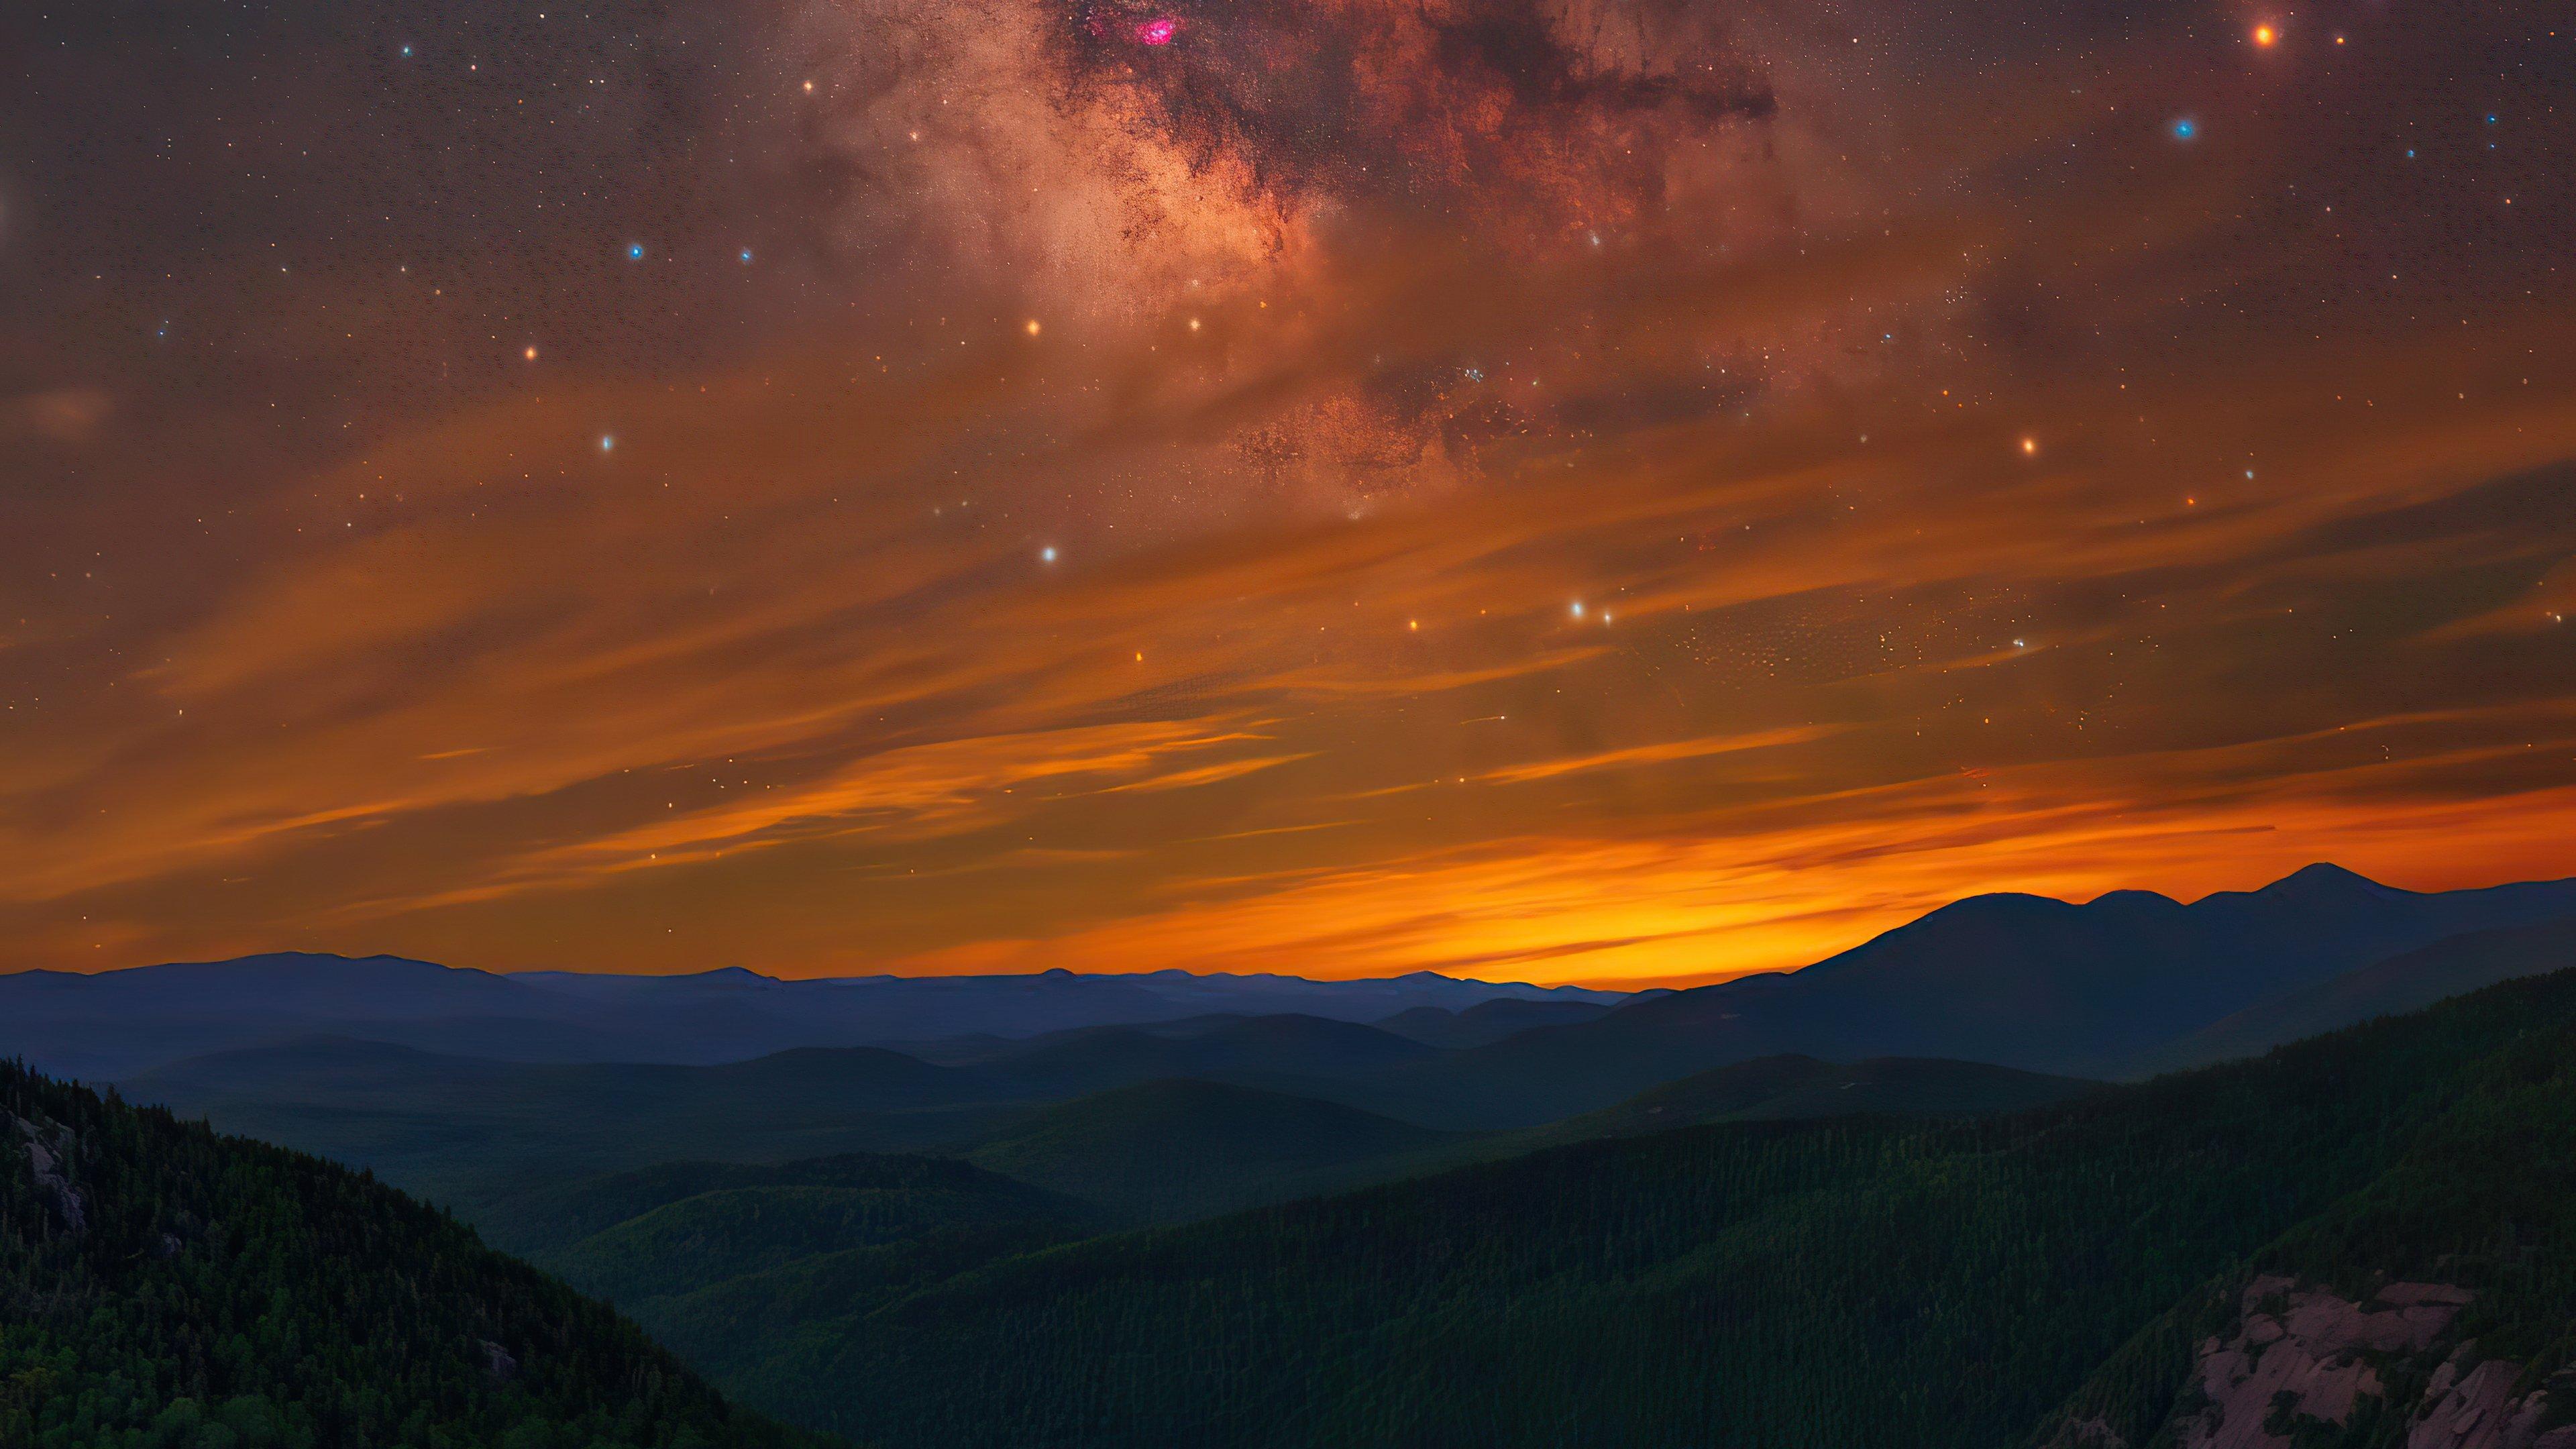 Fondos de pantalla Cielo lleno de estrellas